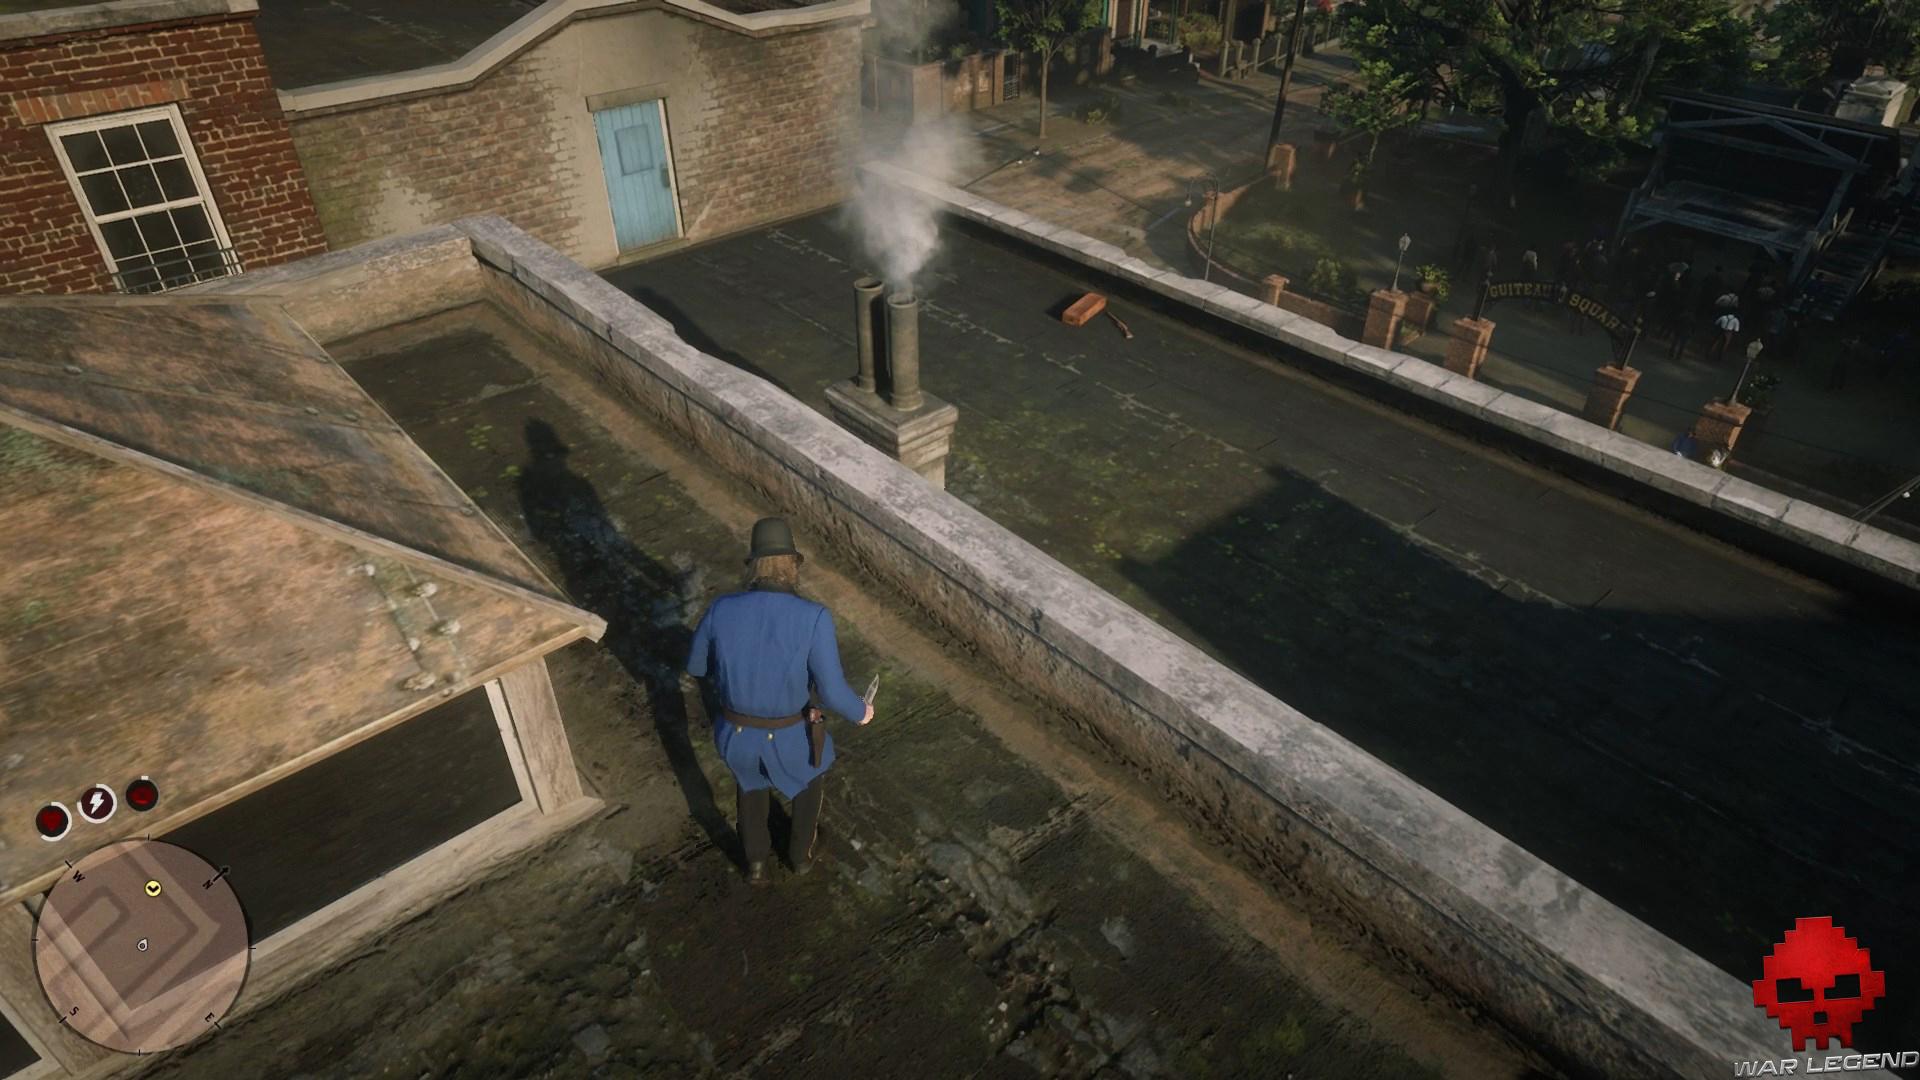 soluce red dead redemption 2 adieu fidèle ami sniper sur les toits